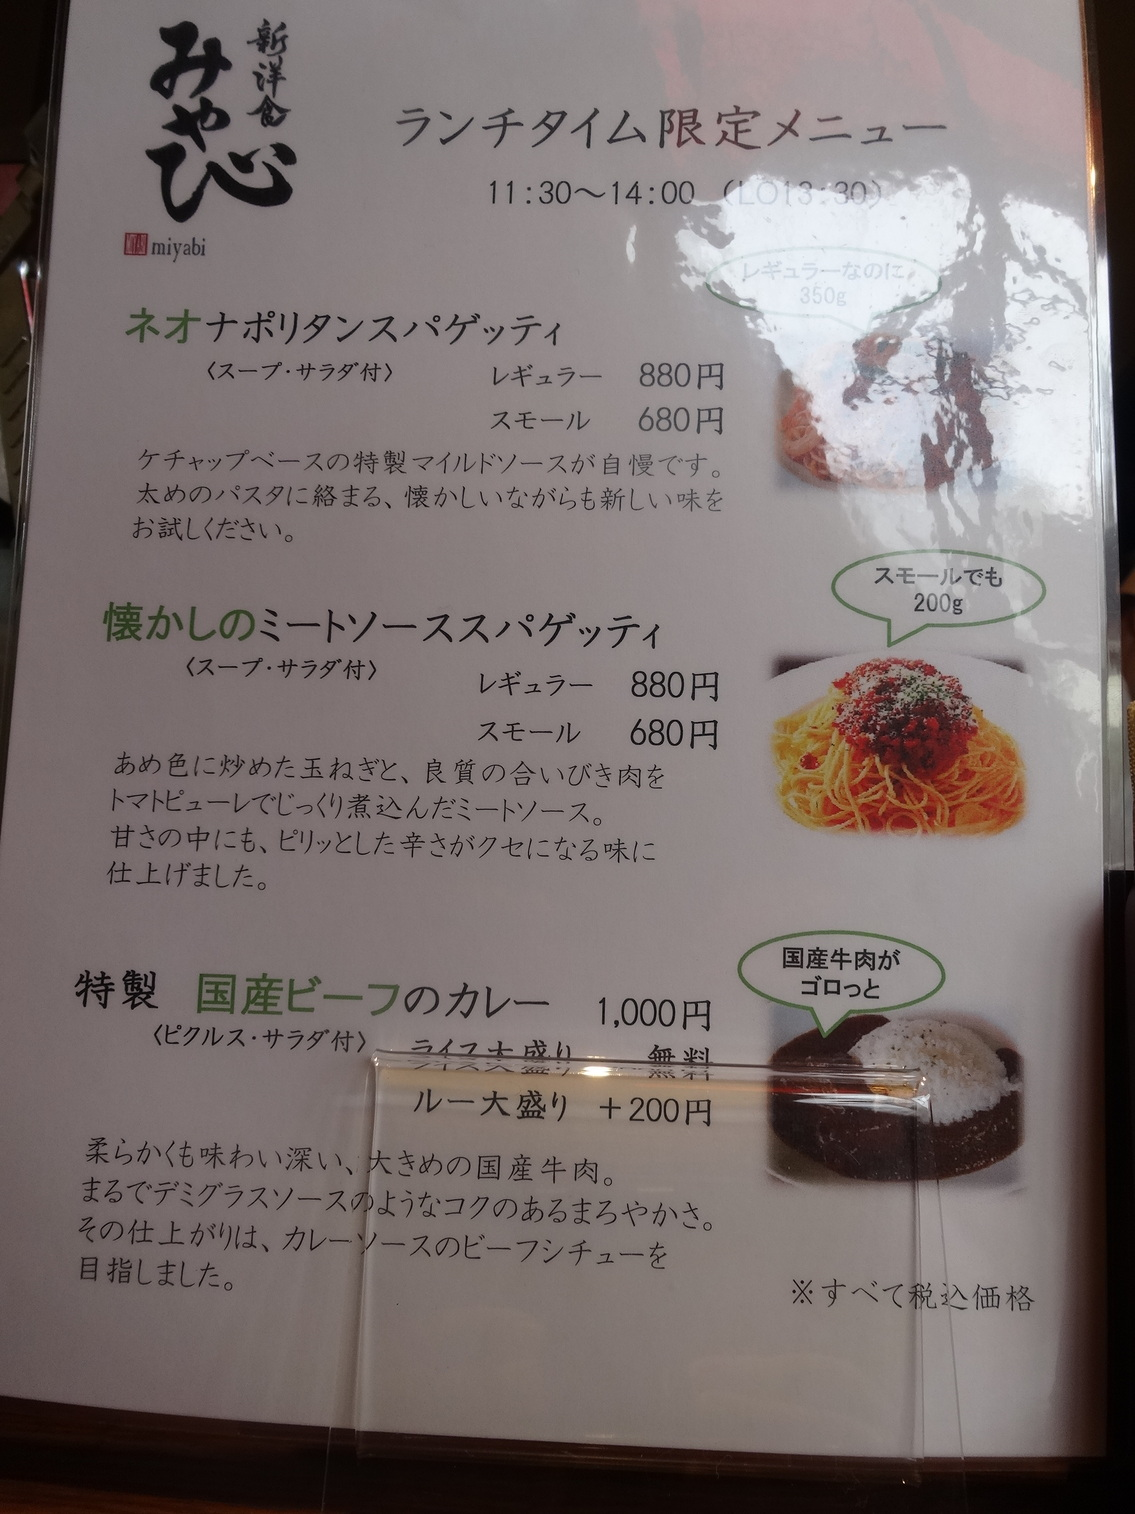 ハンバーグの店 KITCHEN MIYABI